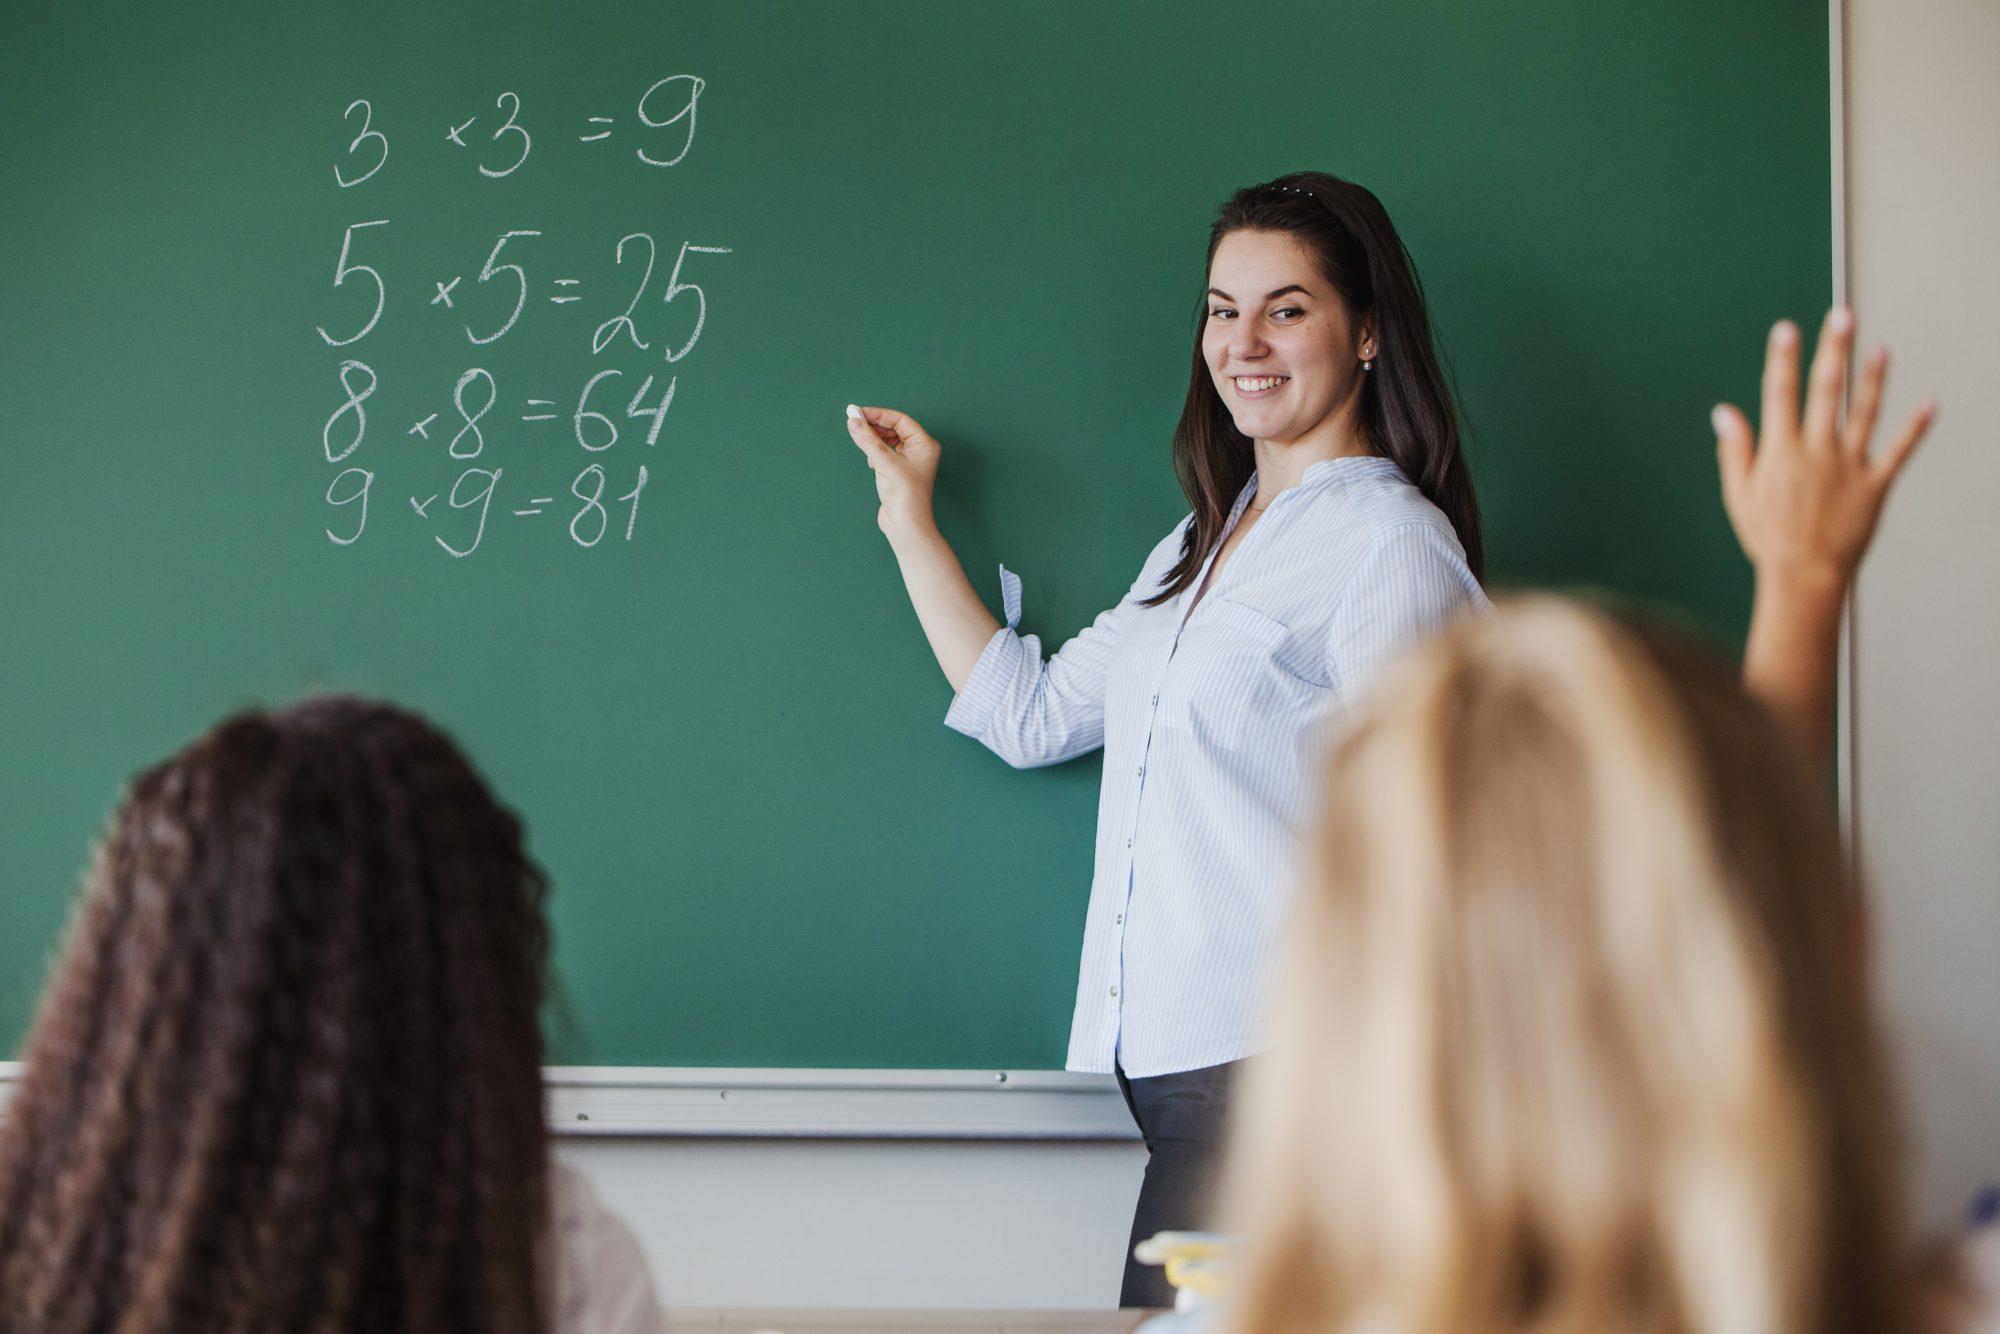 учительница.jpg